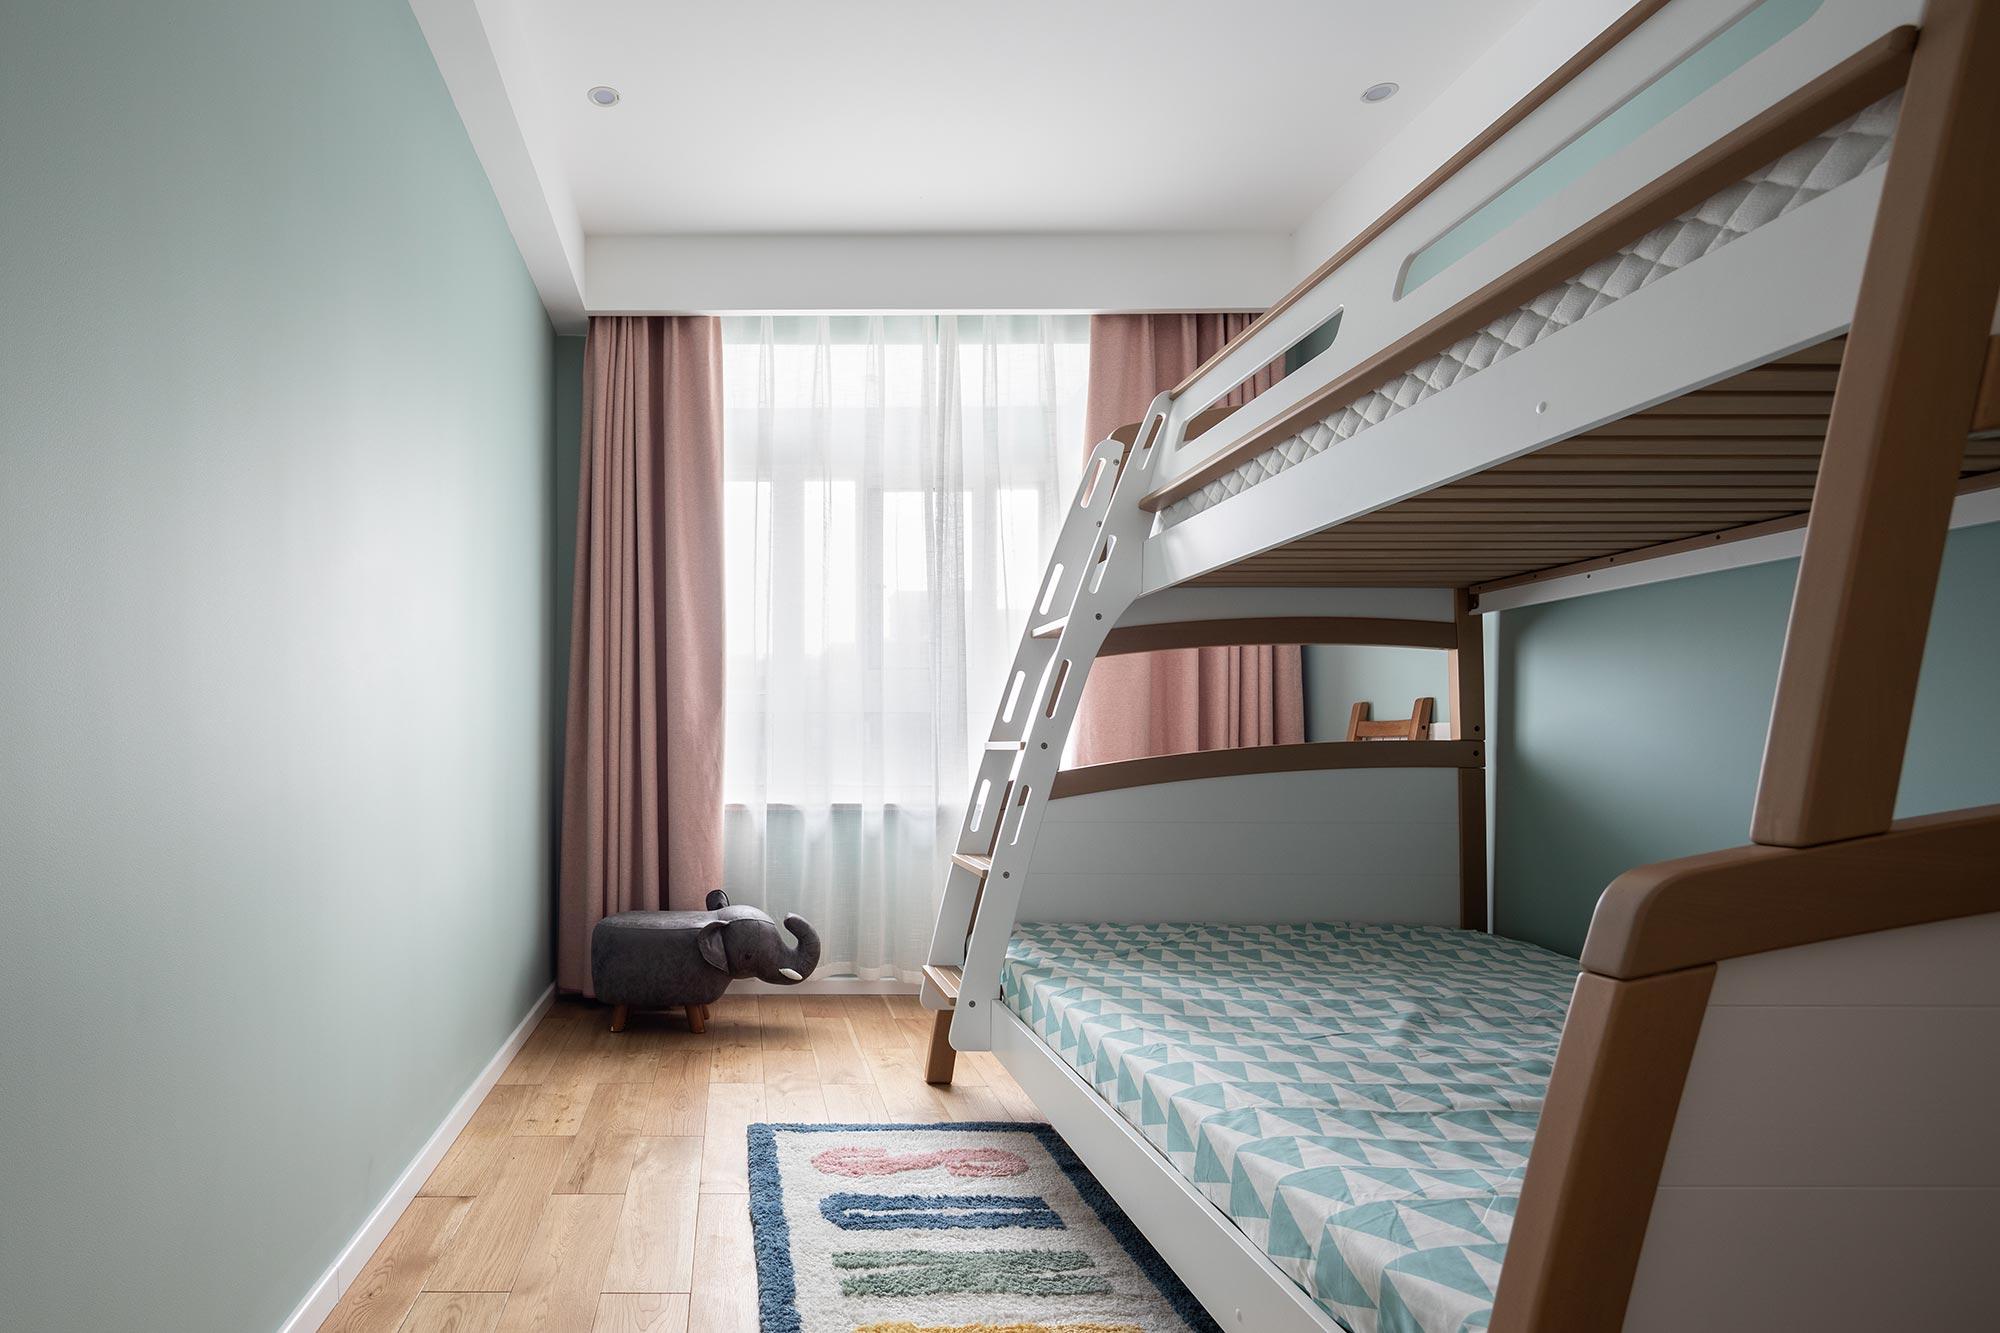 北欧 儿童房图片来自大墅尚品-由伟壮设计在140㎡铂克花园『淡淡薄荷味』的分享